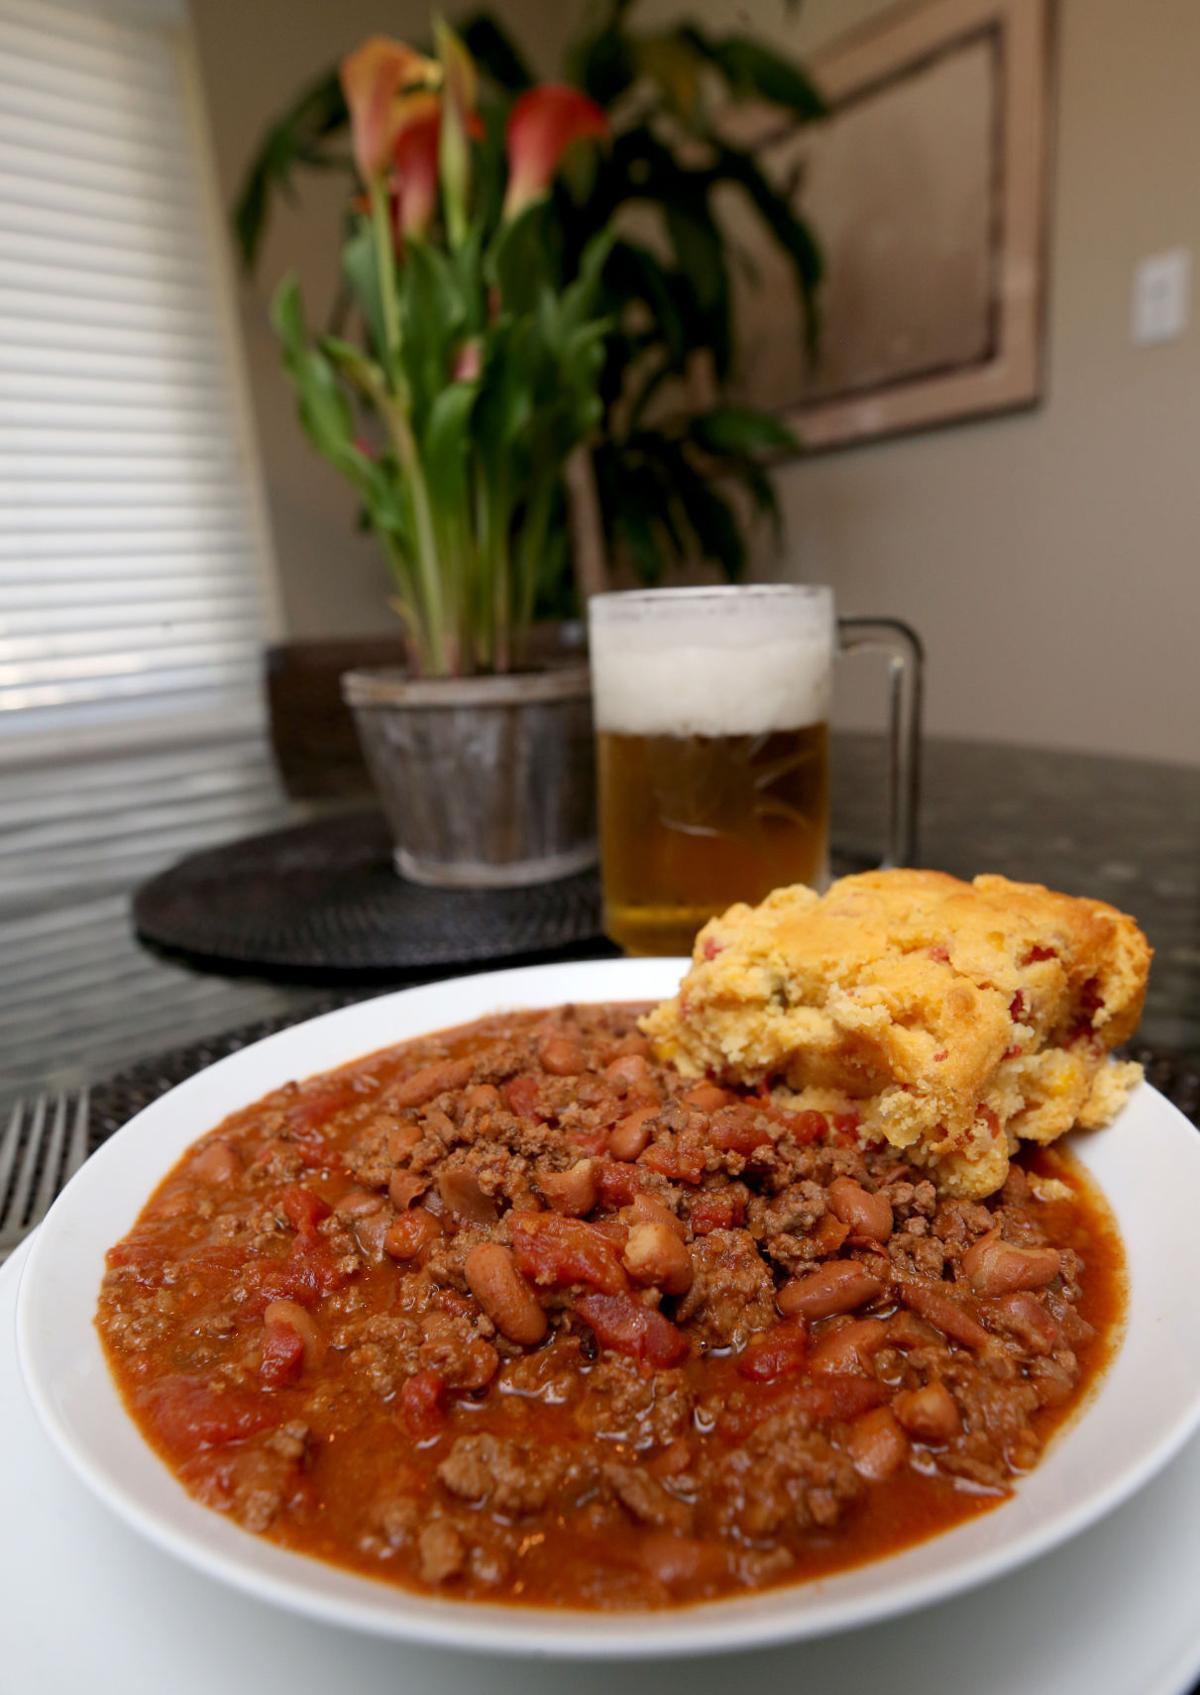 Robyn Bushon's chili recipe